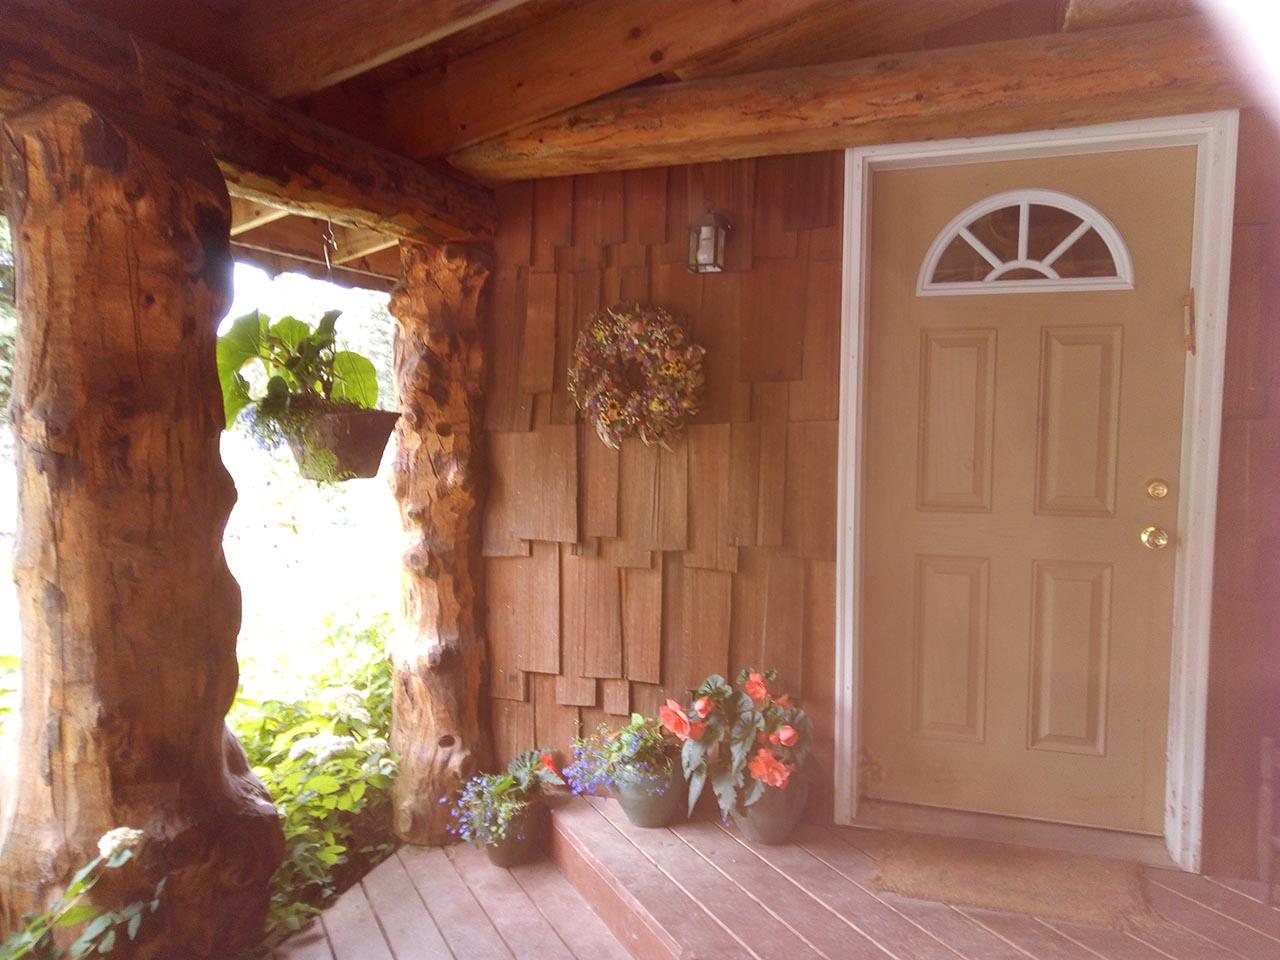 B&B front door.